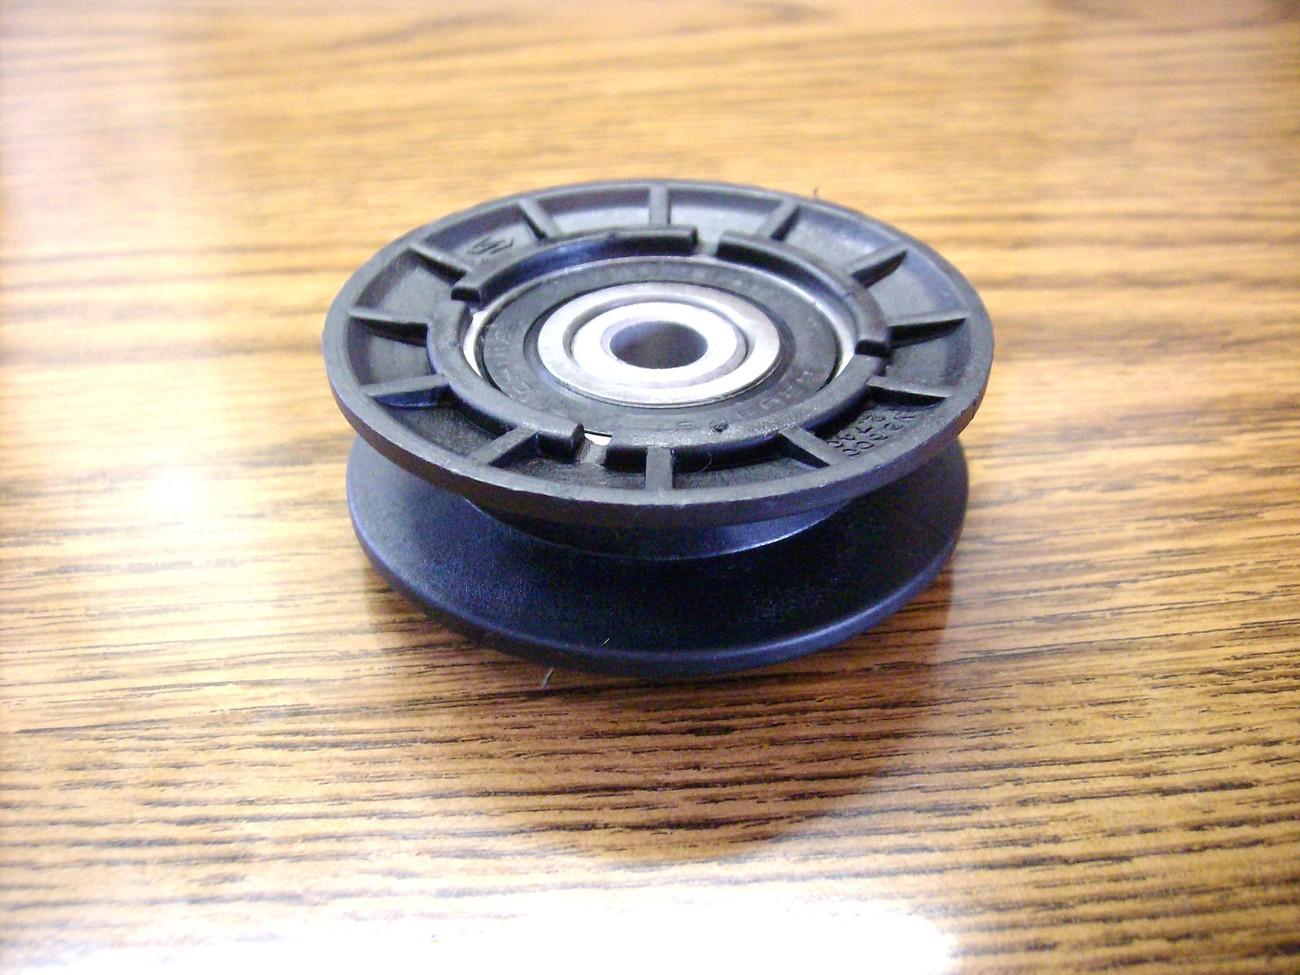 AYP Sears Craftsman idler pulley 165626